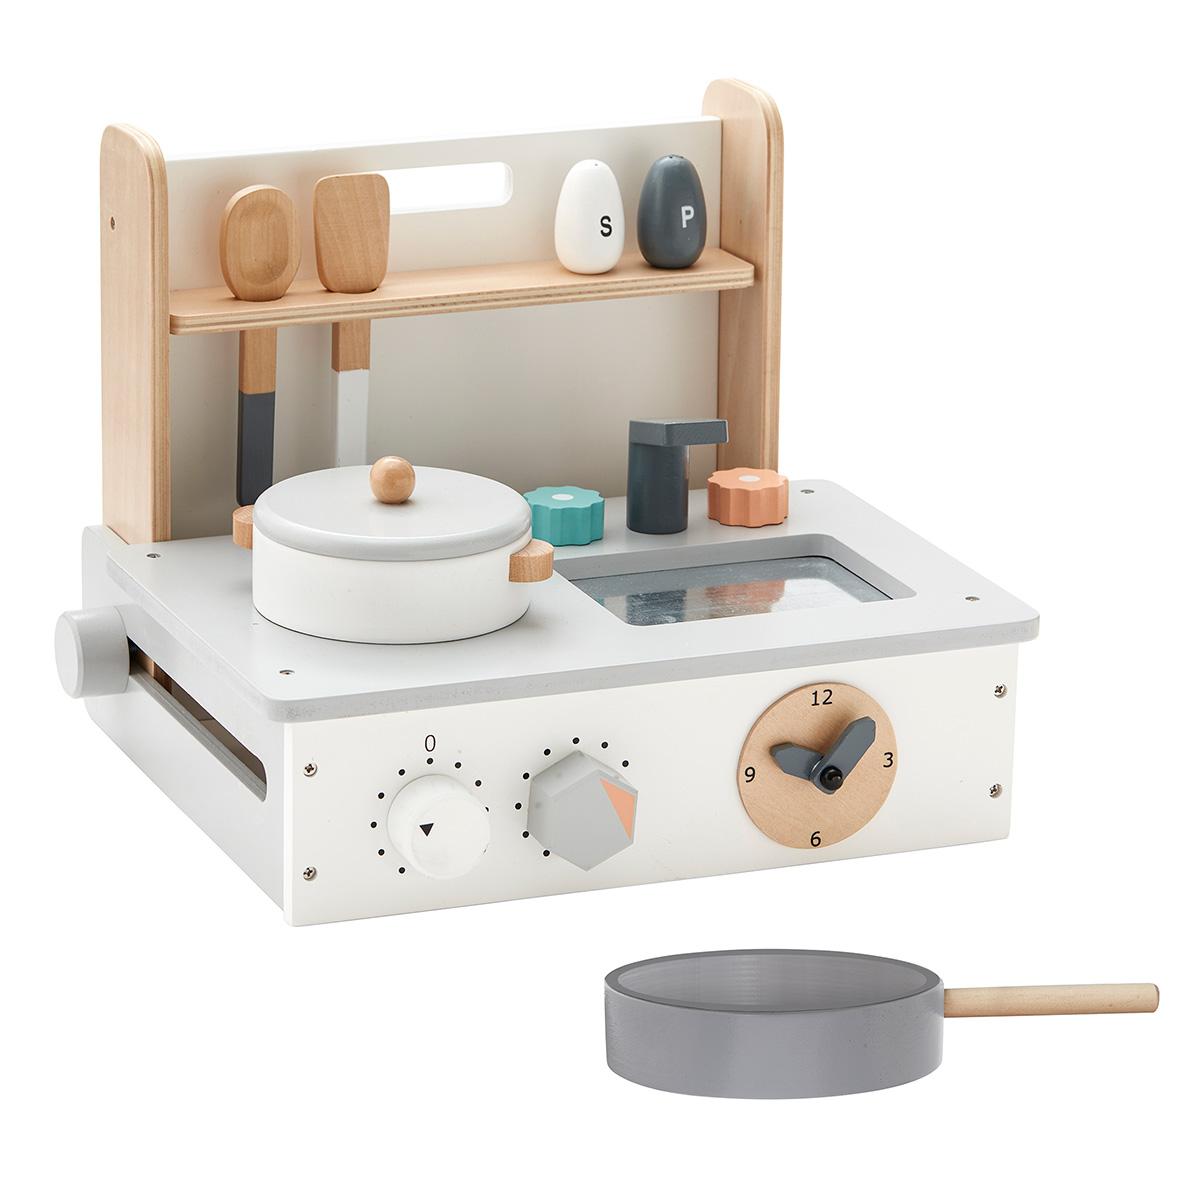 Billede af Kids Concept legekøkken - Hvid/grå